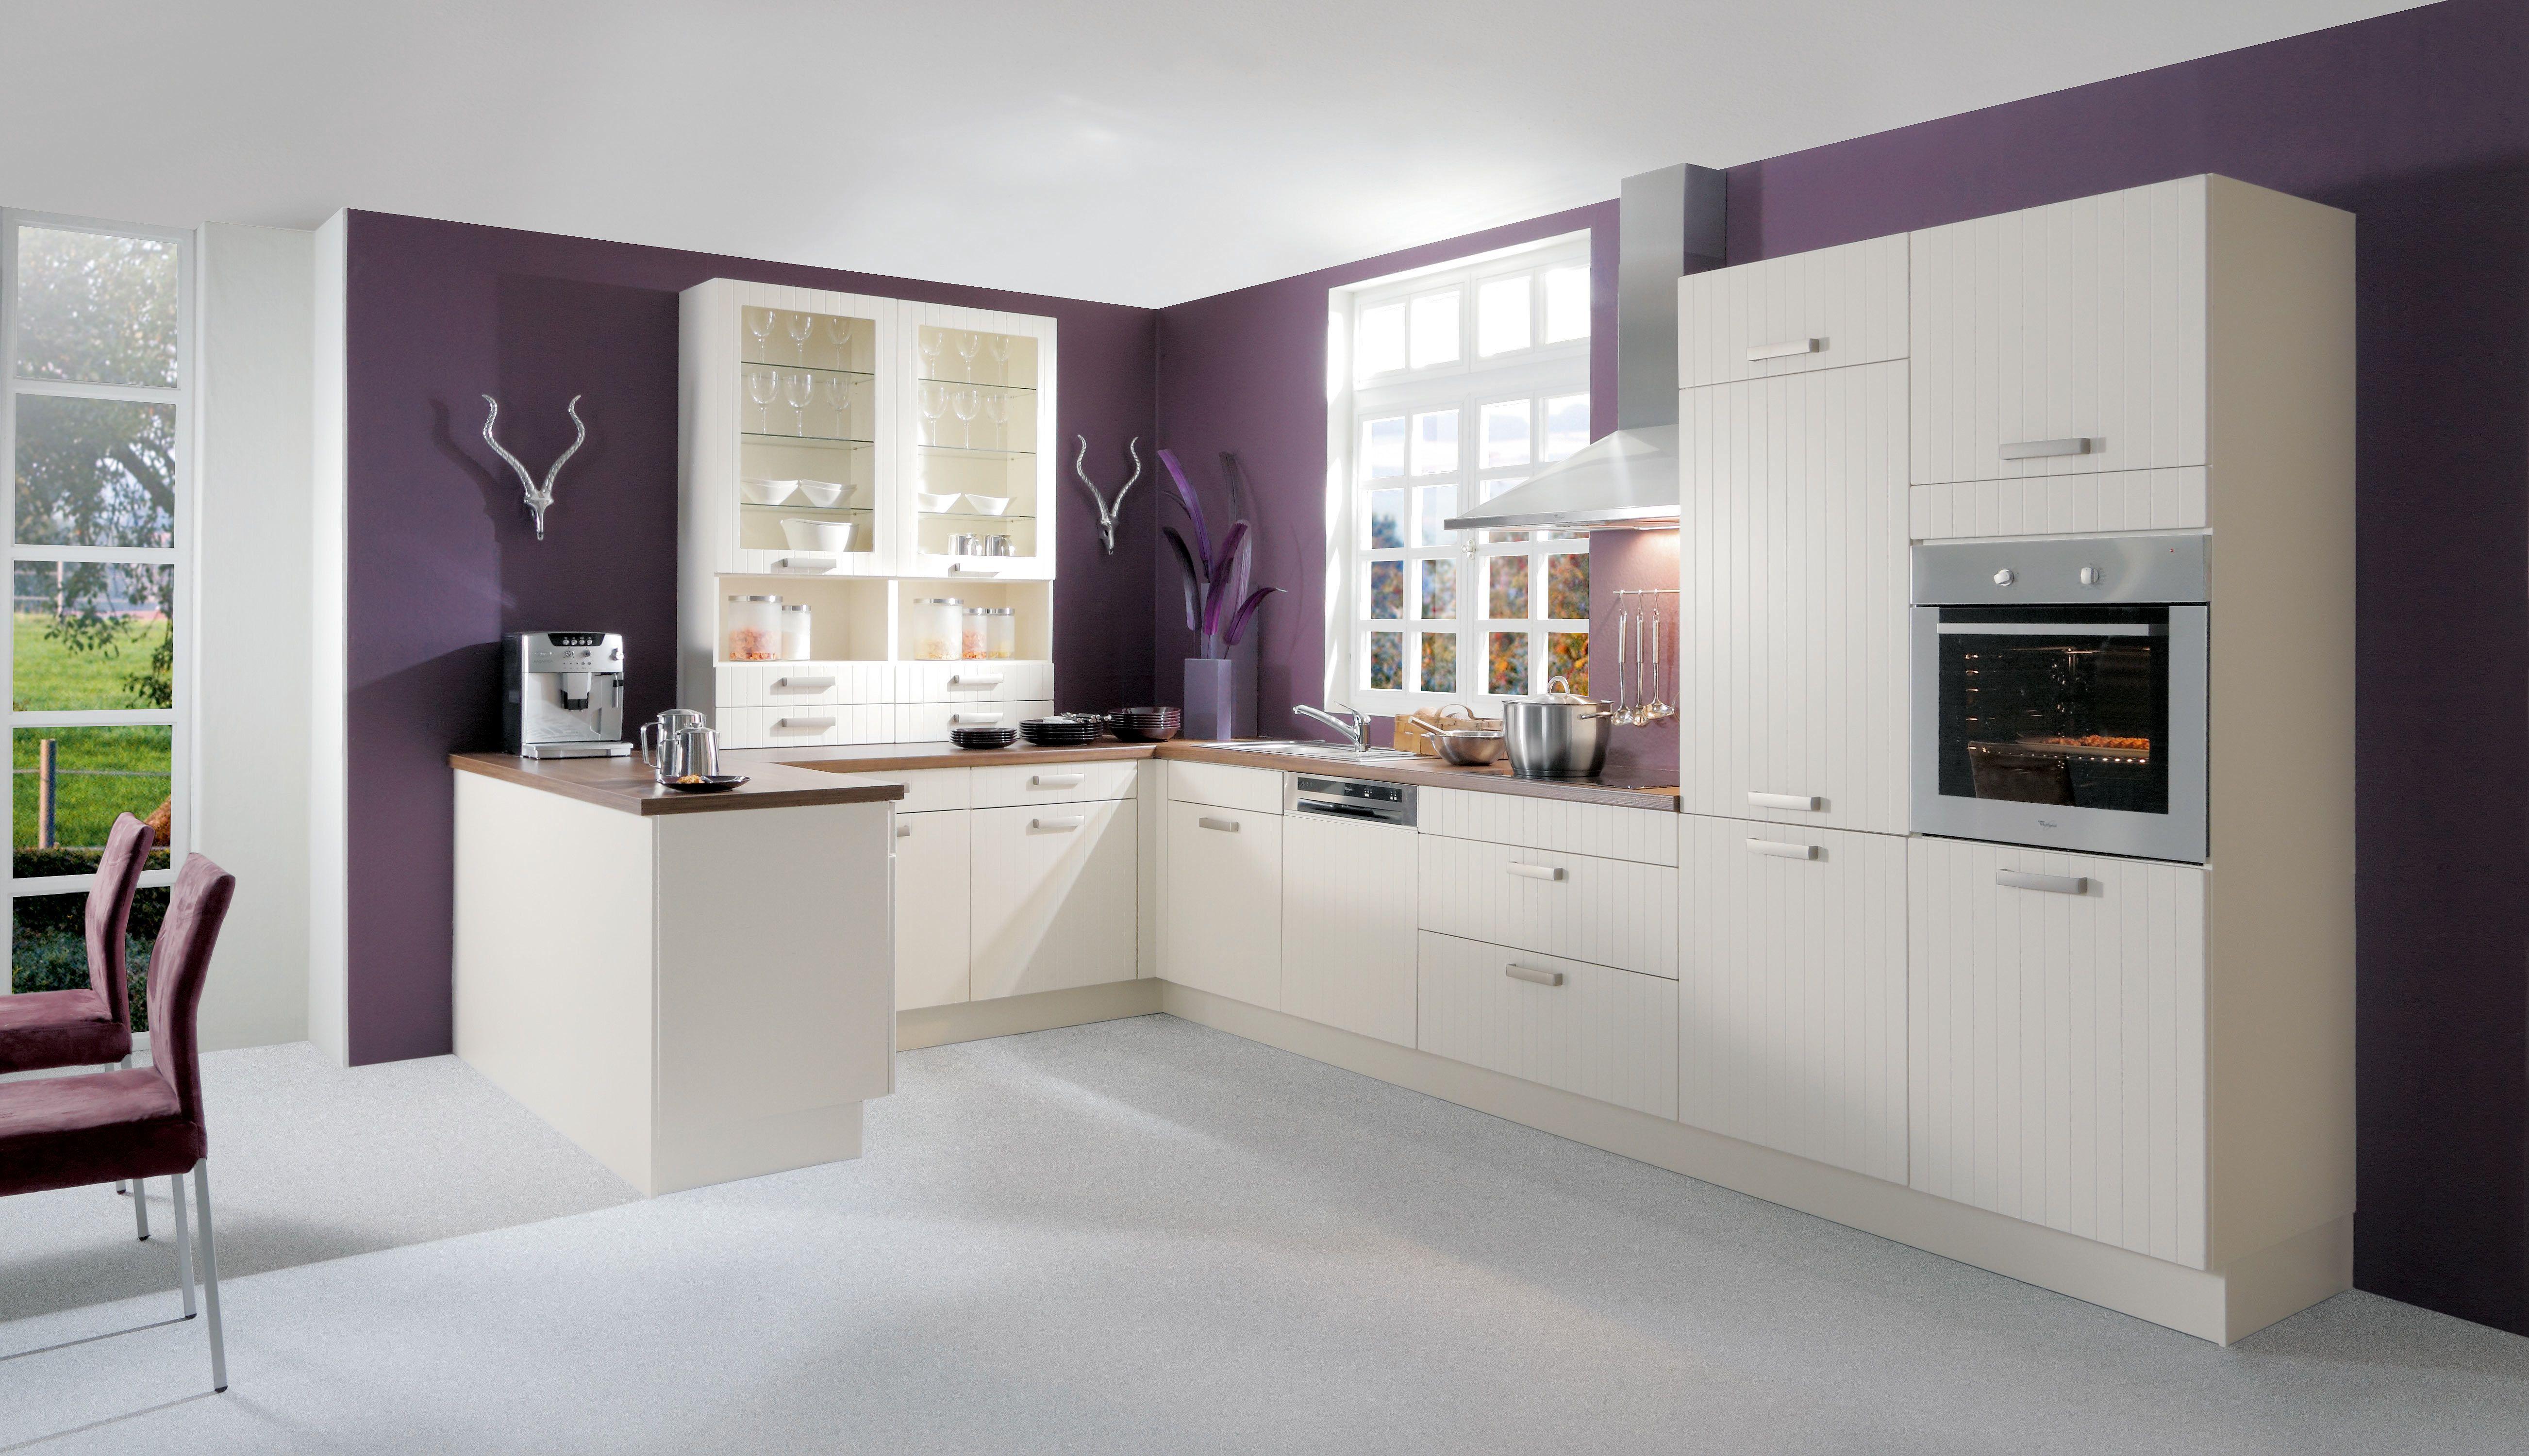 Profilierten Fronten geben einer simplen, weißen Küche